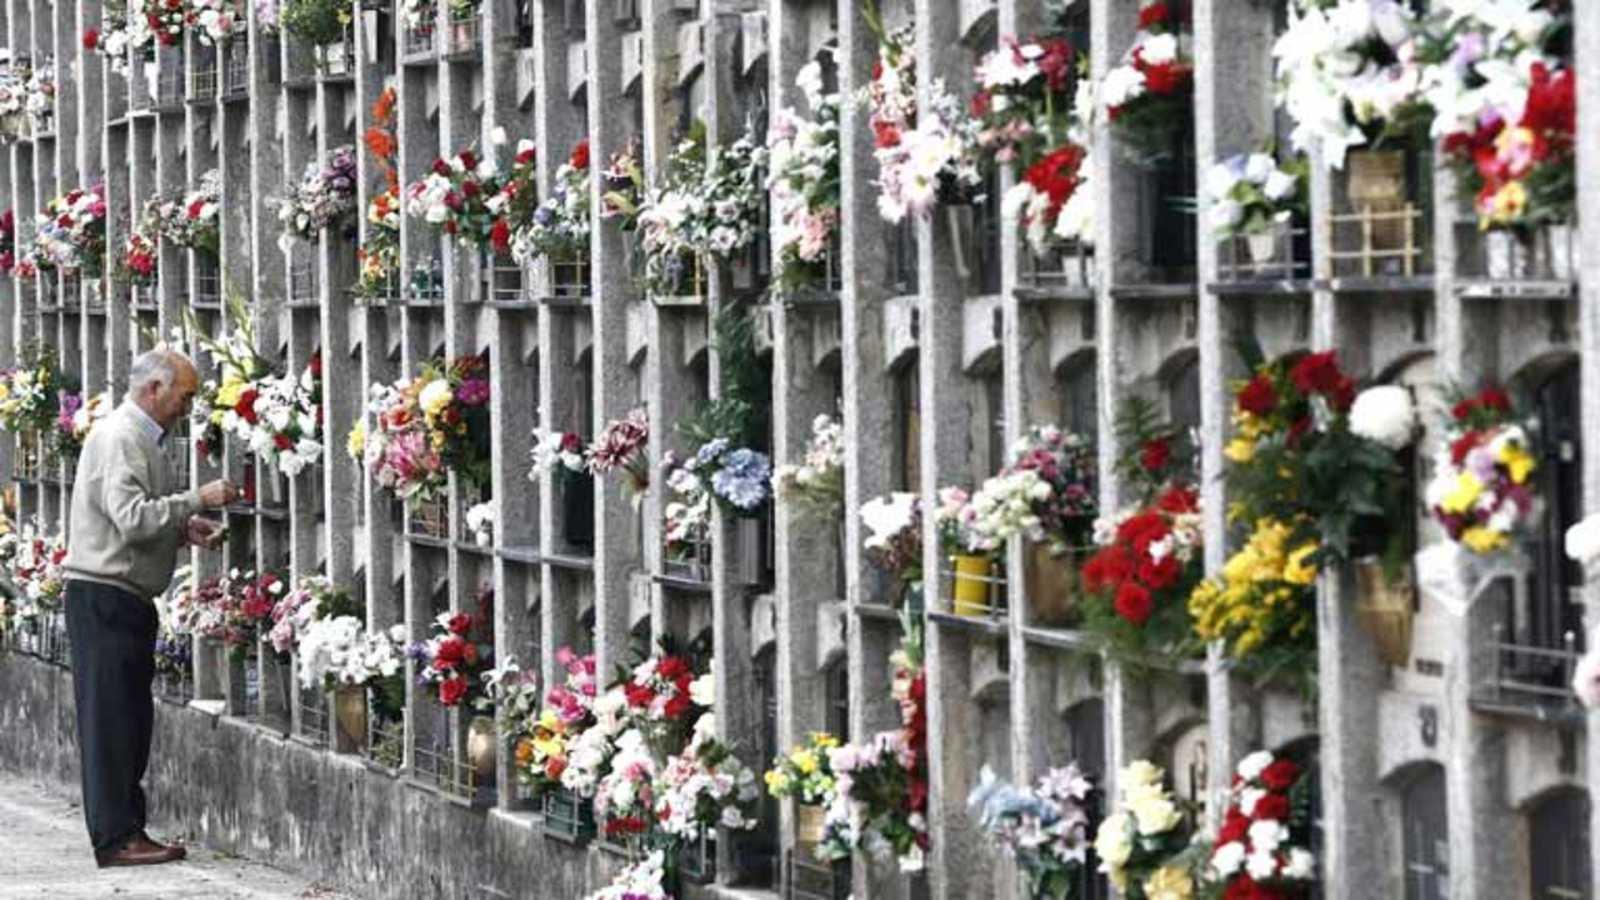 Canal Europa - Cementerios colapsados en Europa - 20/04/21 - Escuchar ahora